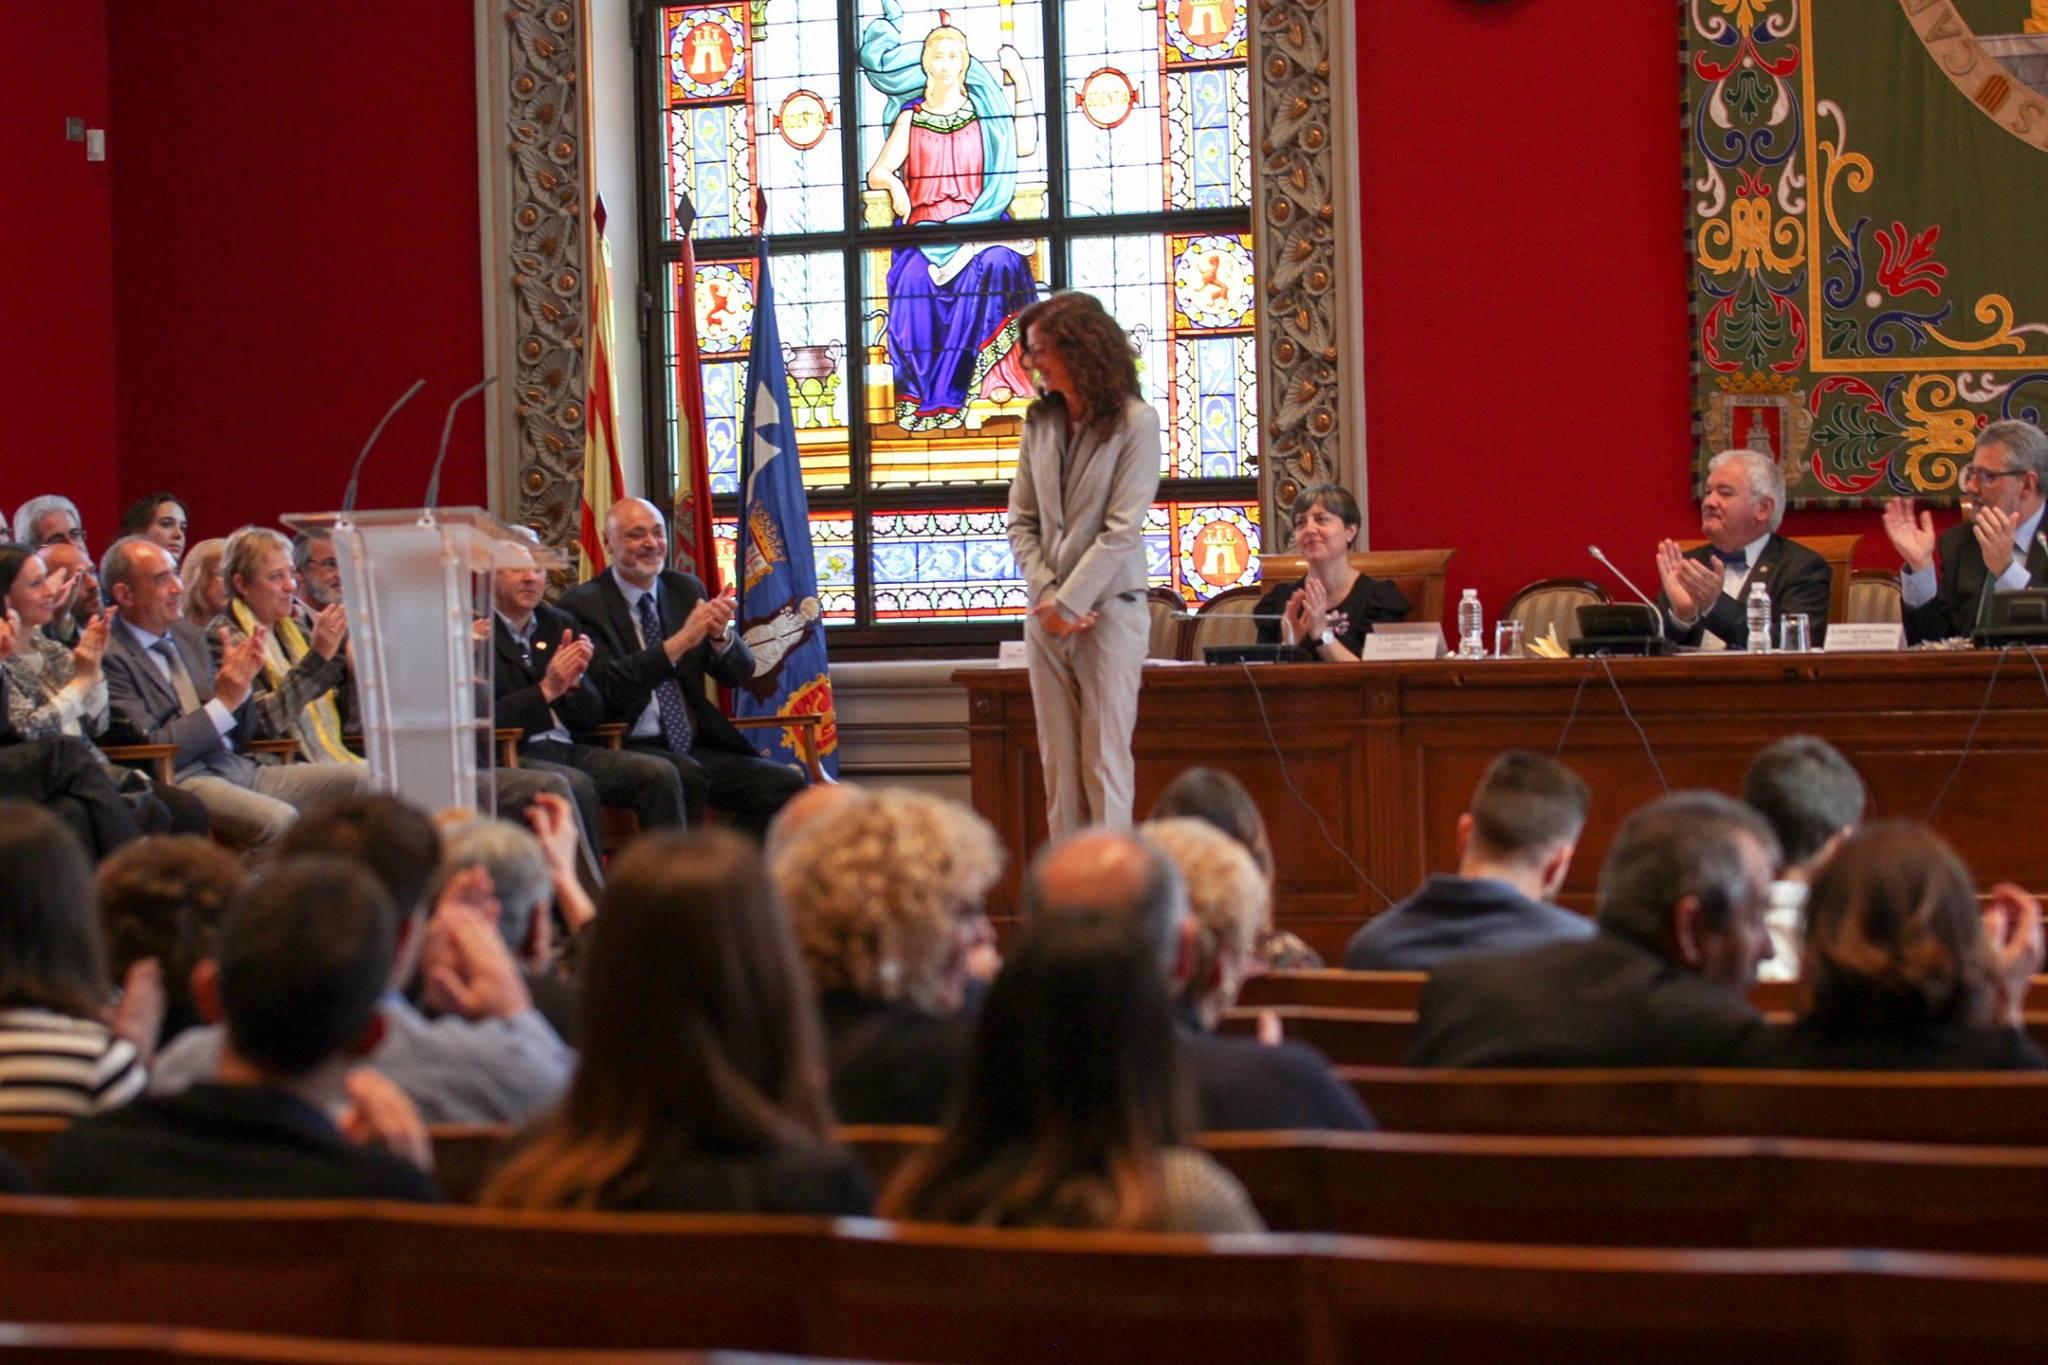 Carmen París en el momento de recibir su galardón como Alumna distinguida de la Facultad de Filosofía y Letras de la Universidad de Zaragoza, en acto solemne, el día 21 de abril de 2017.